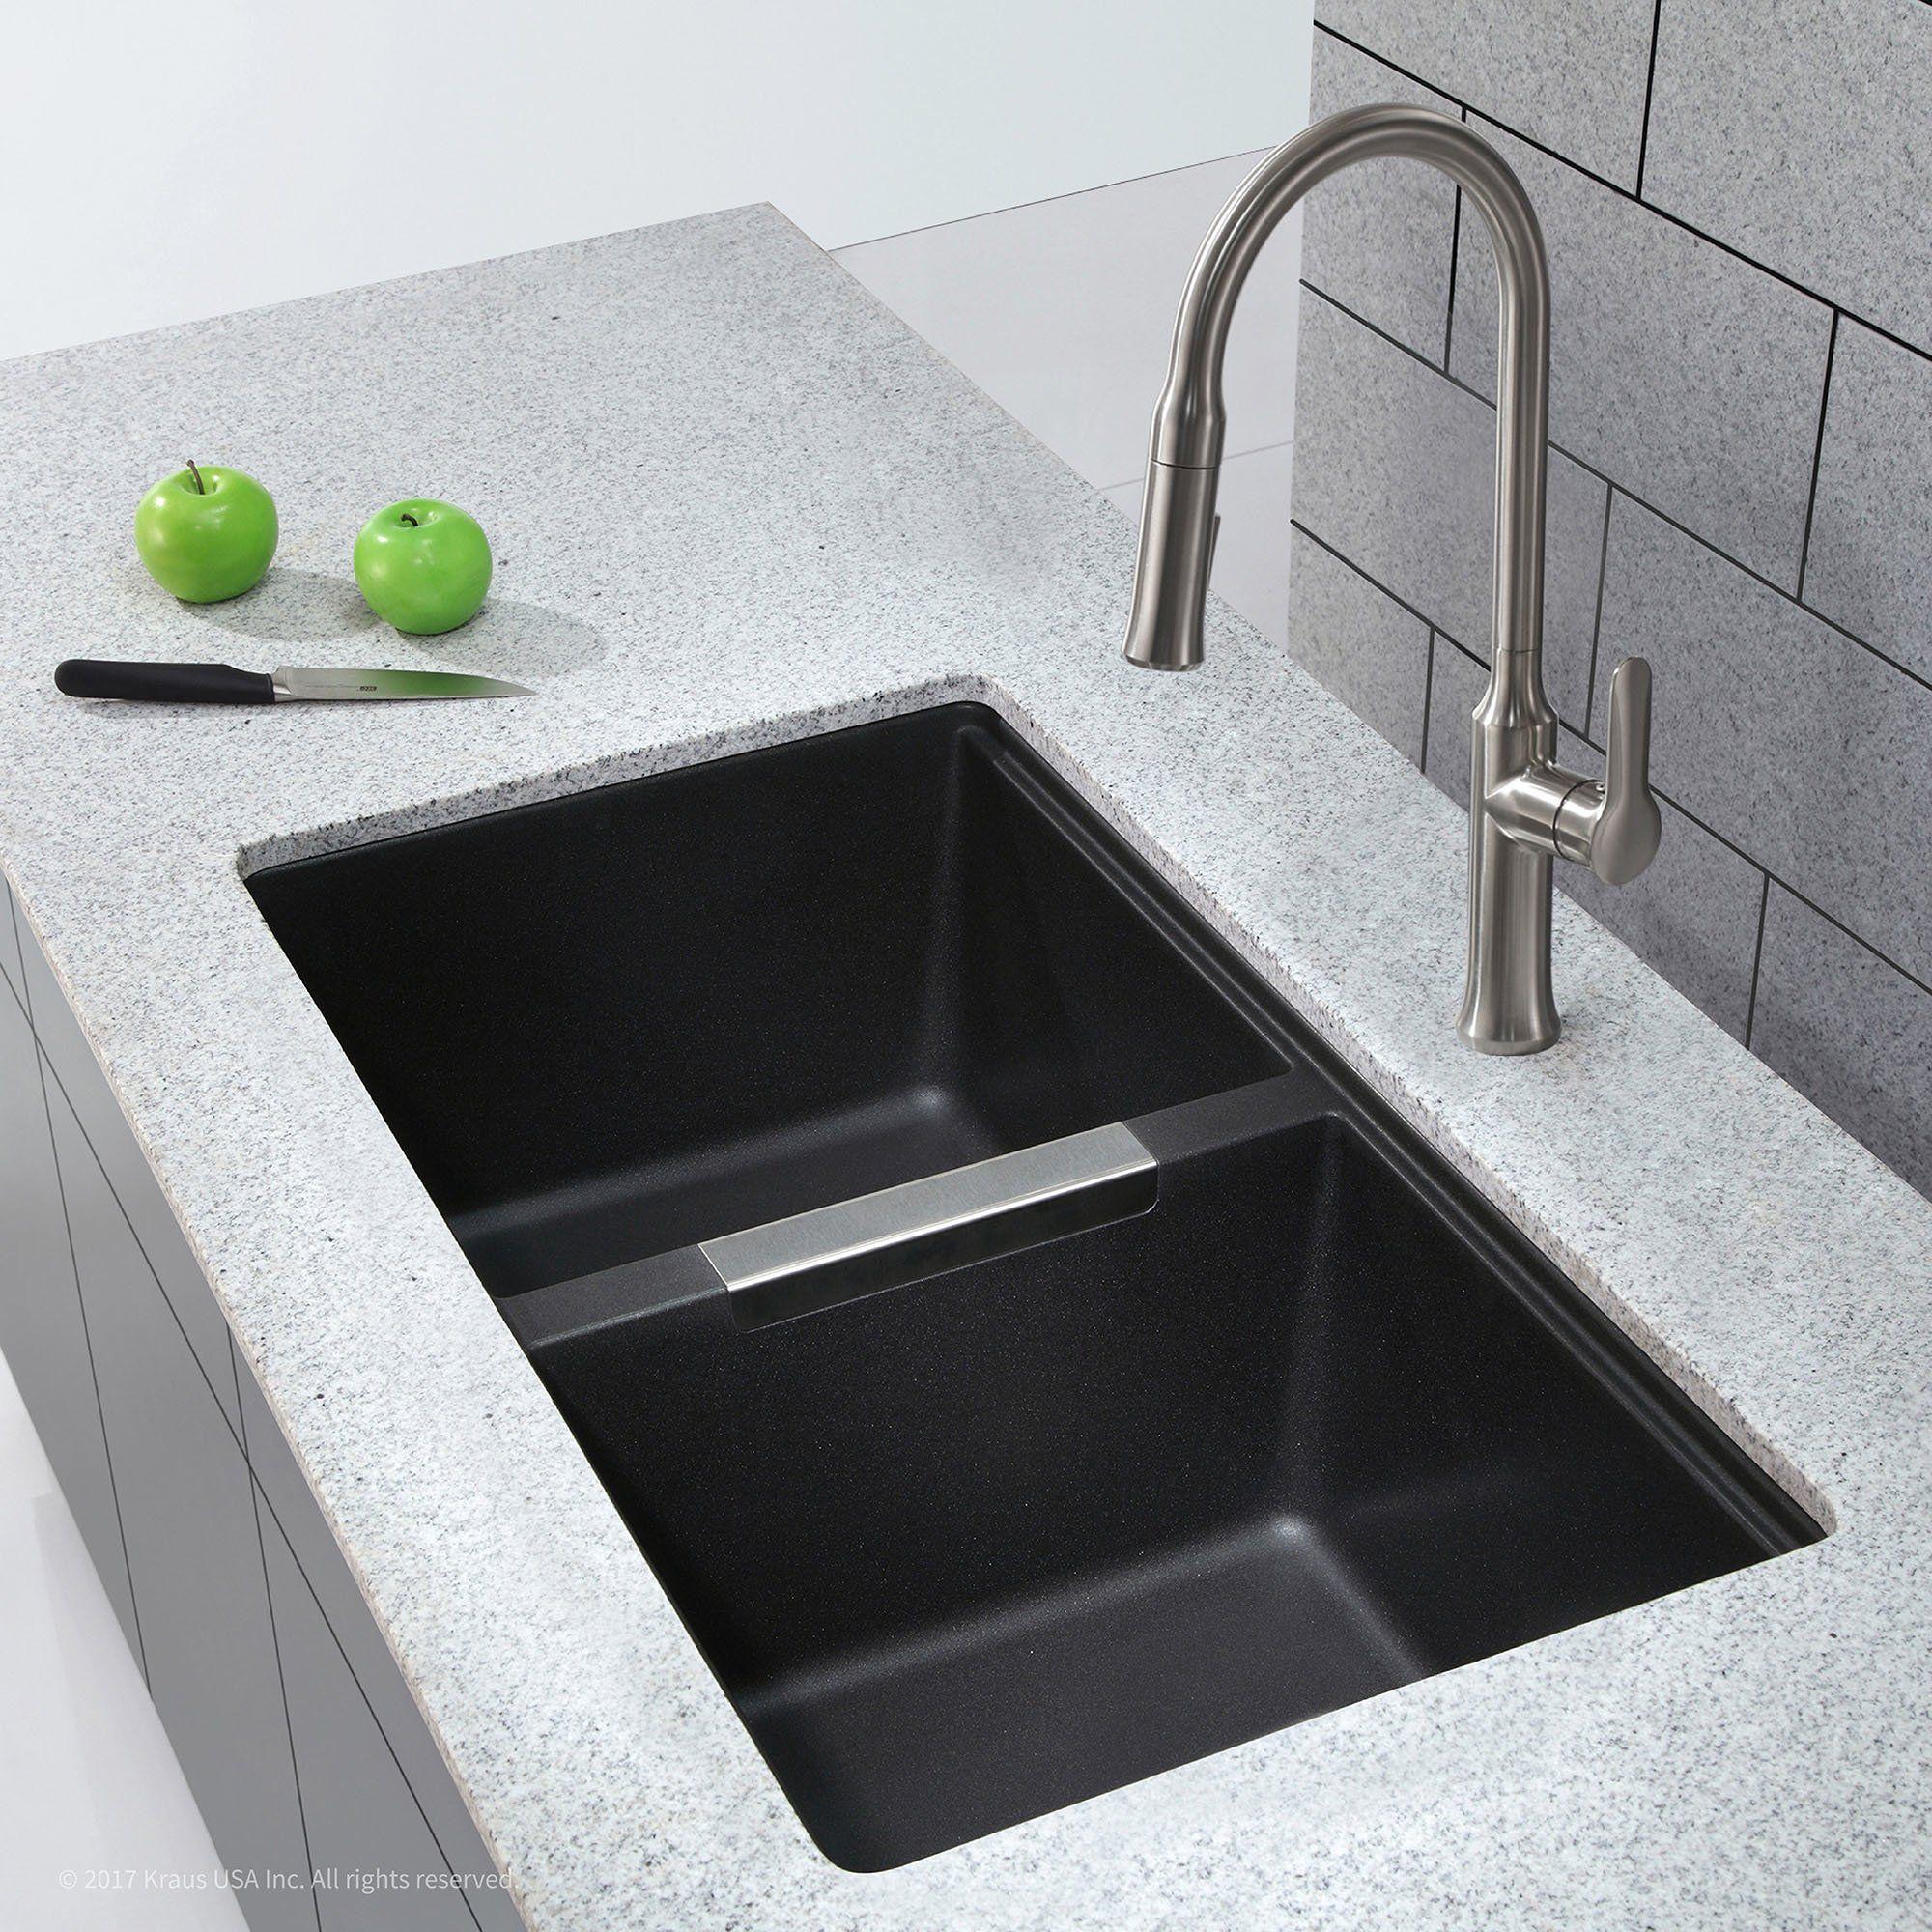 33 L X 19 W Double Basin Undermount Kitchen Sink Undermount Kitchen Sinks Composite Kitchen Sinks Best Kitchen Sinks